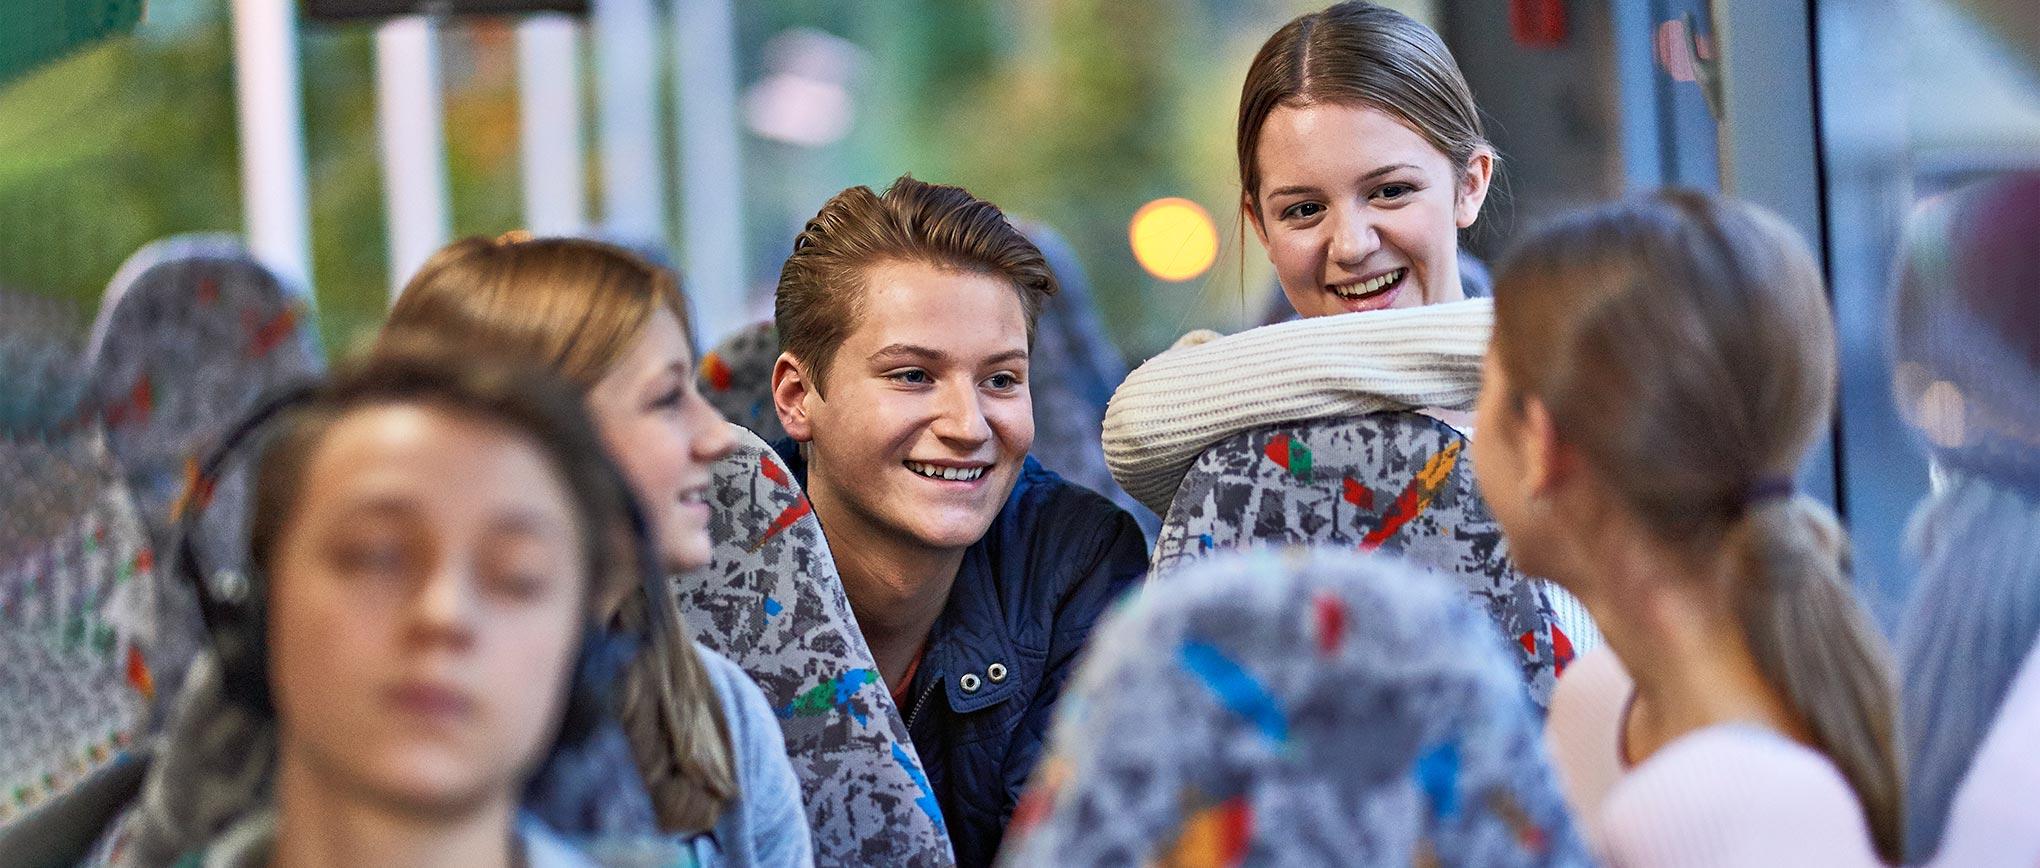 Schwerin - Portraitfoto jugendlicher Fahrgäste